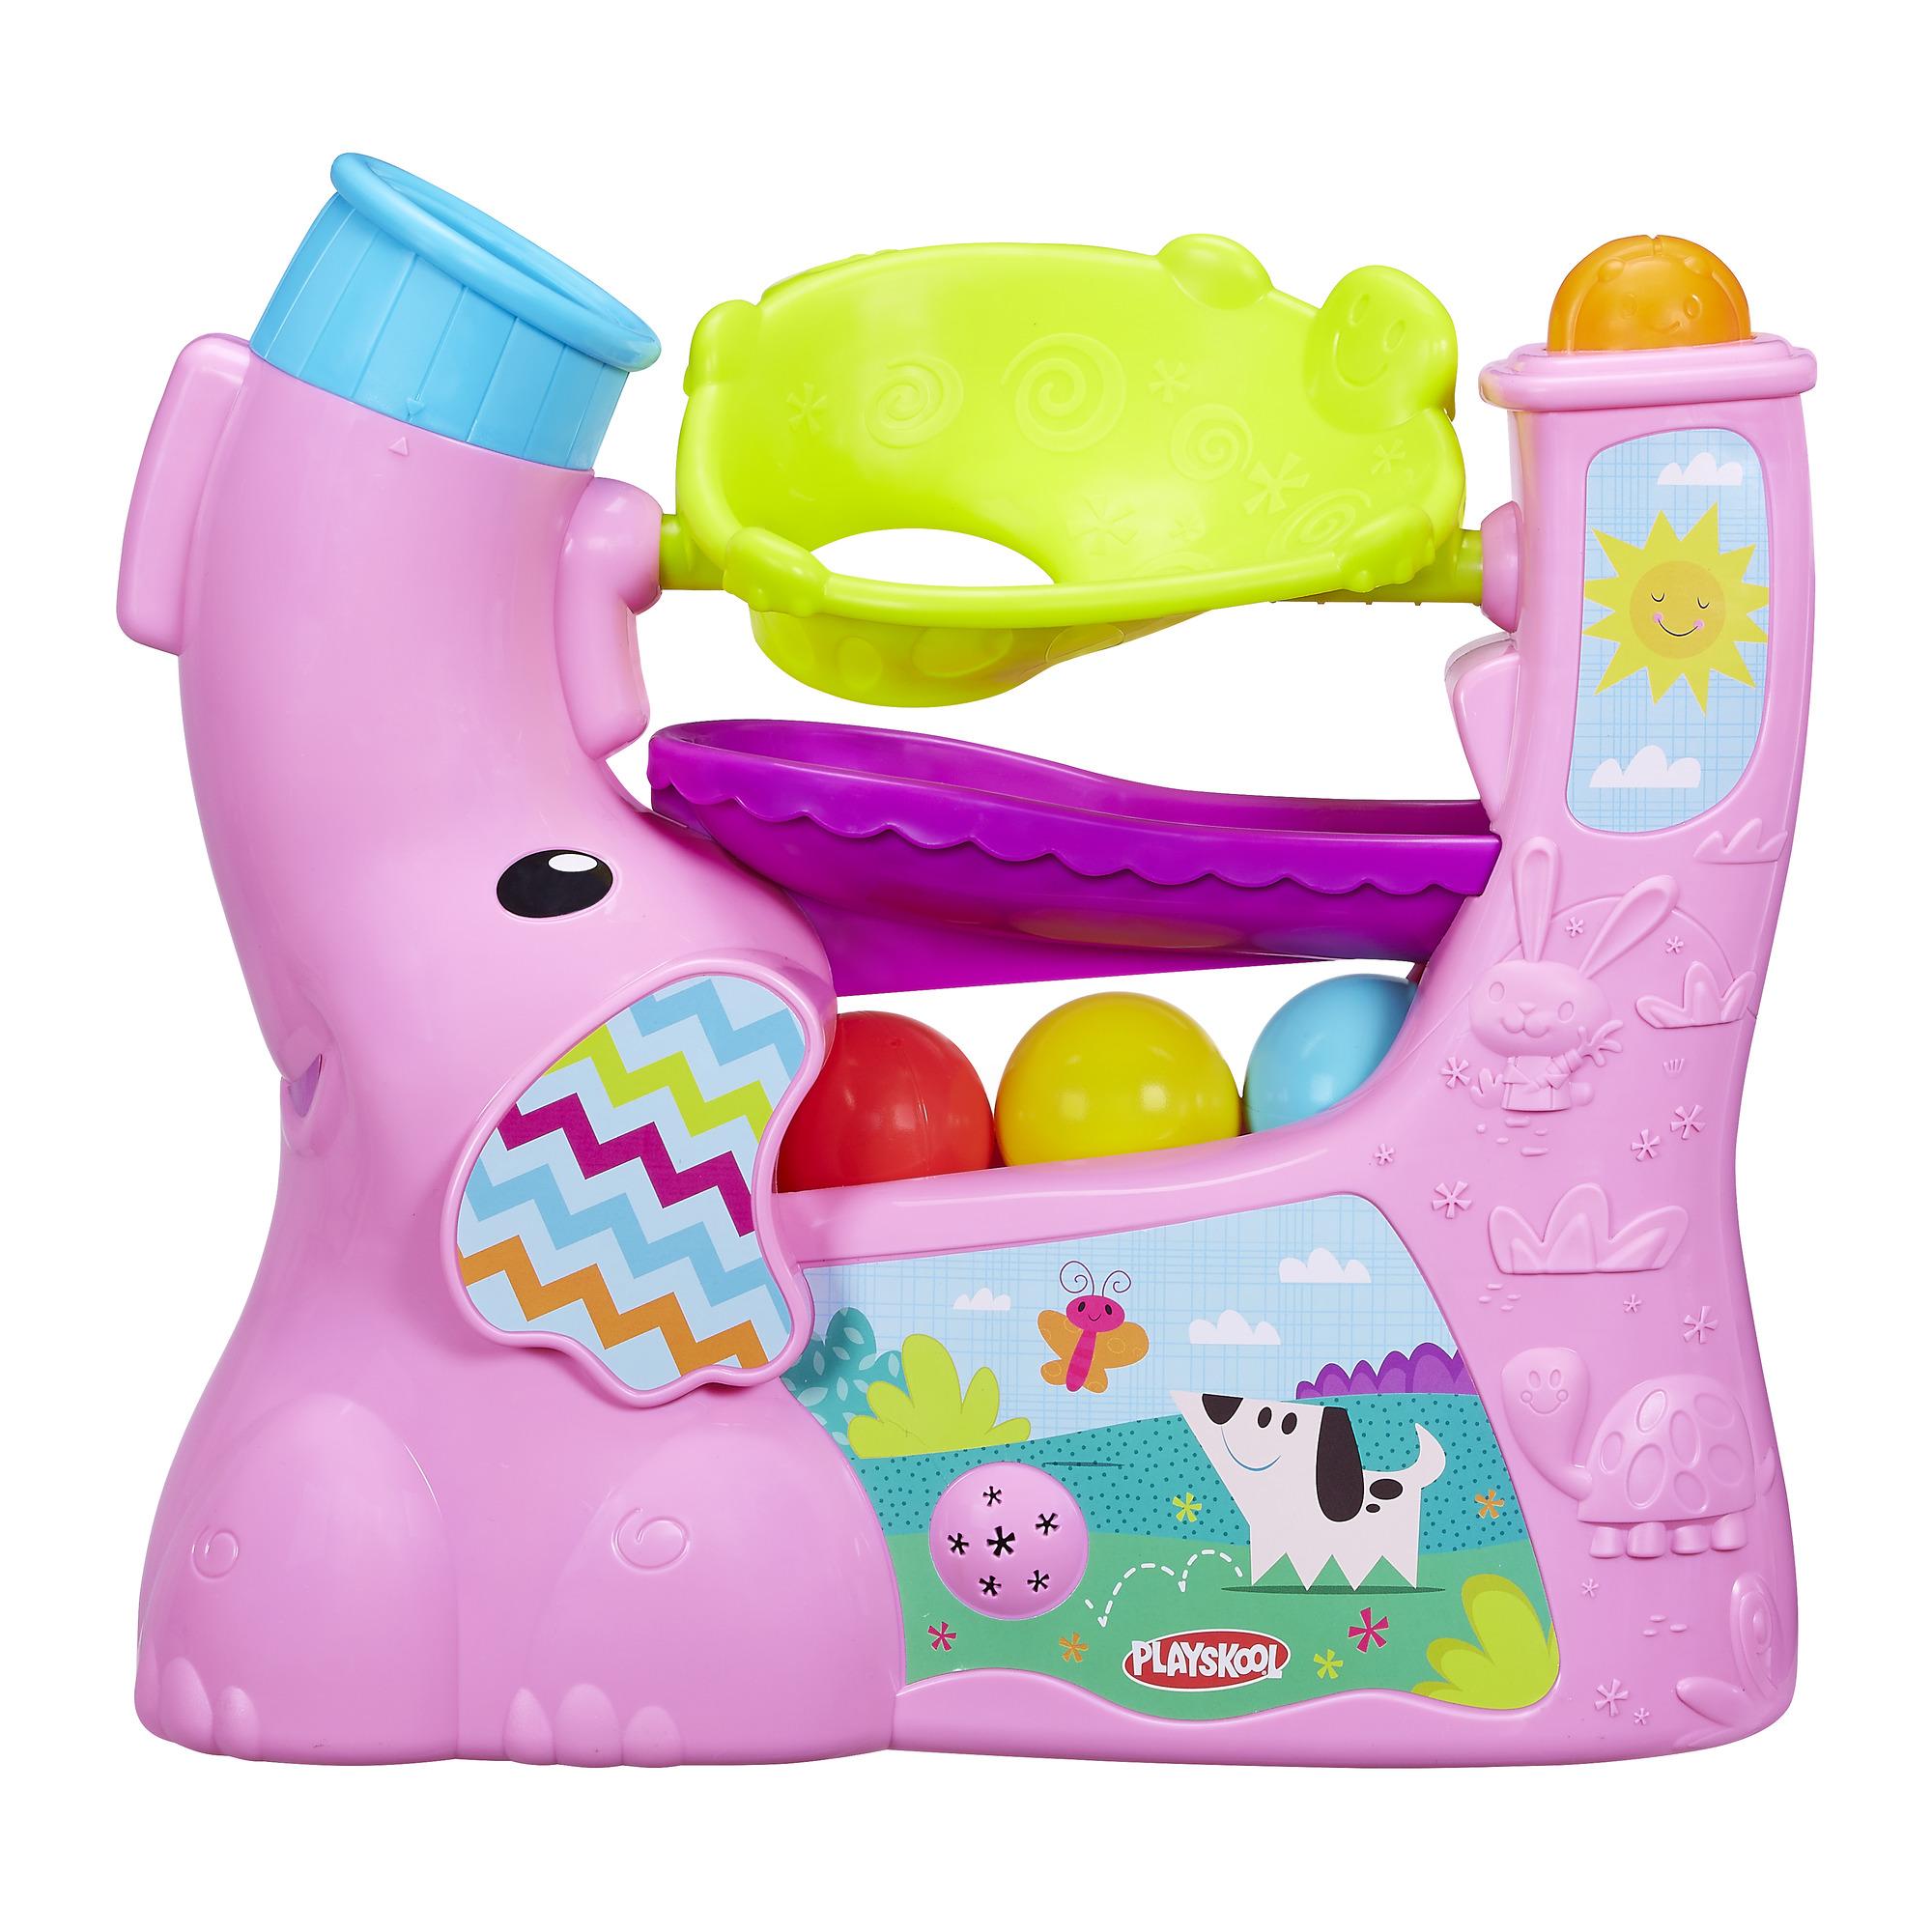 Playskool Chase 'n Go Ball Popper (Pink) by Playskool